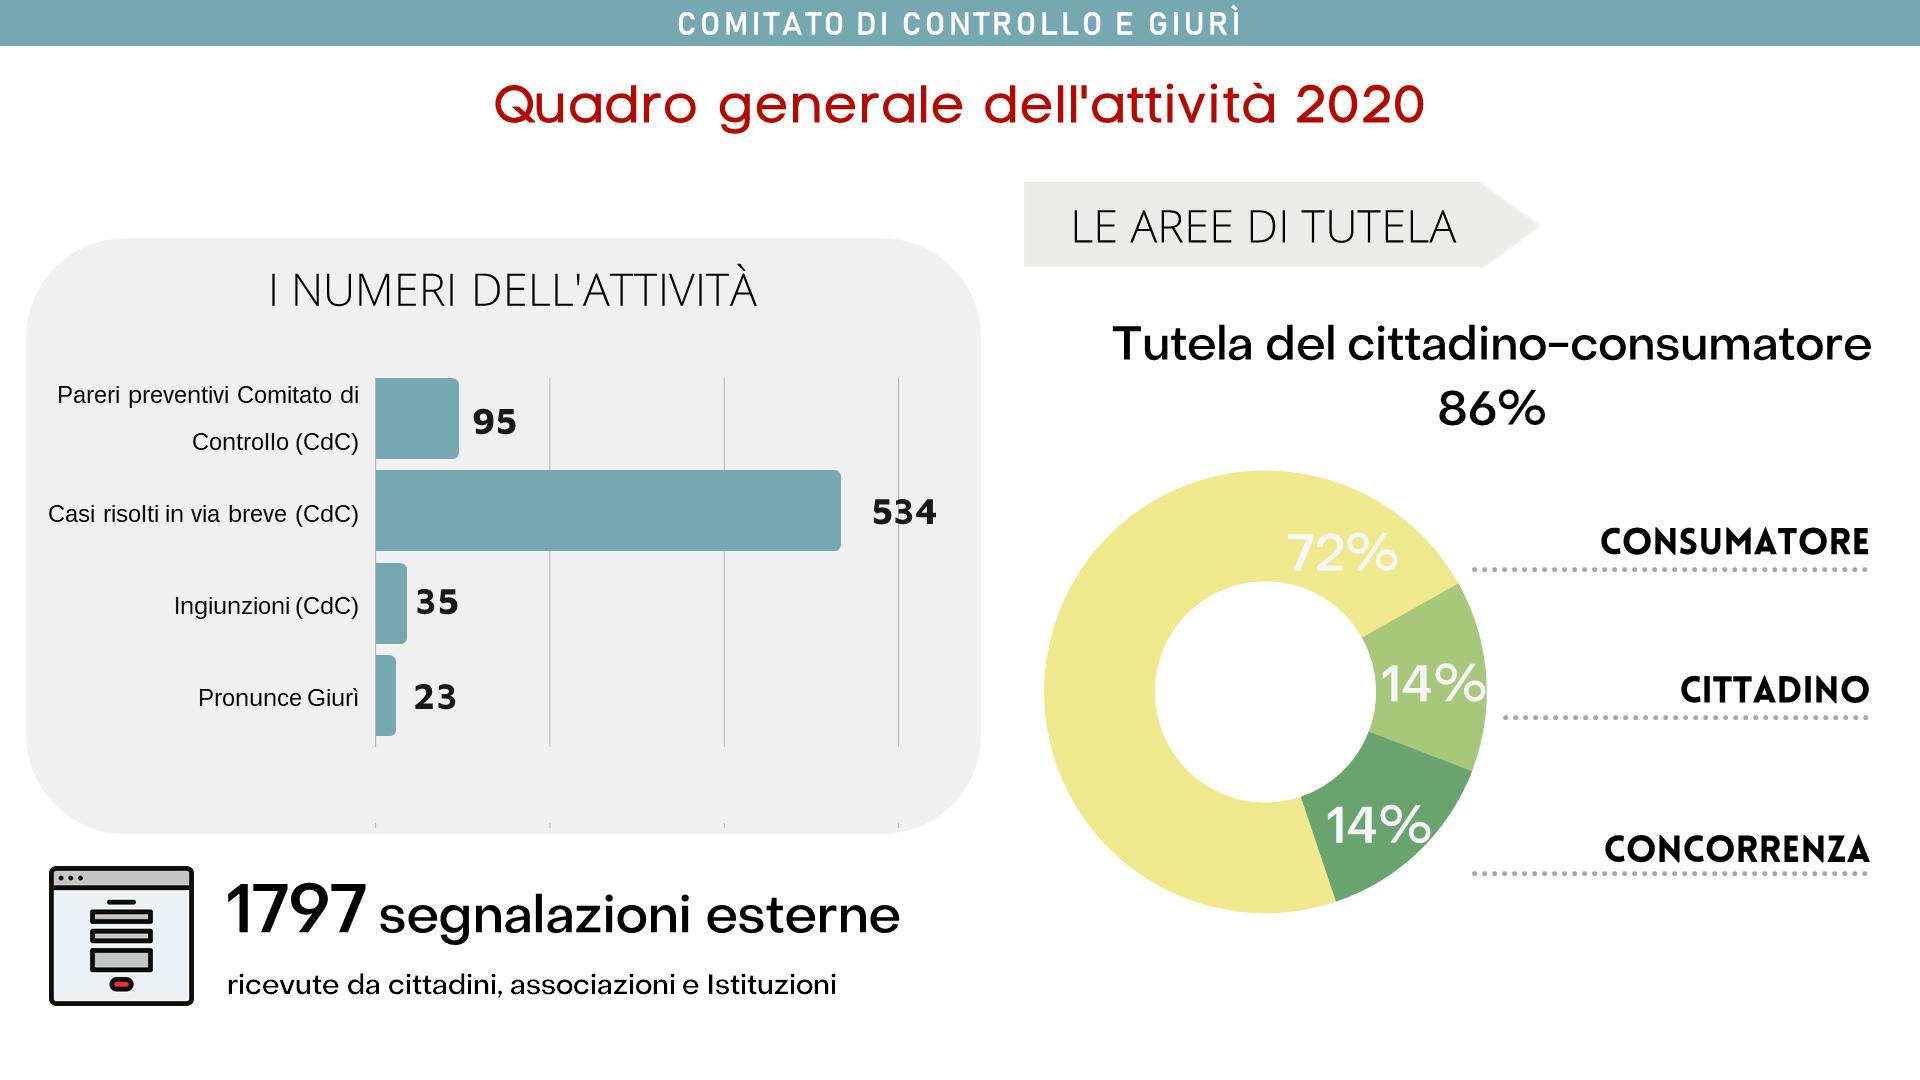 Dati dell'attività 2020, quadro generale. Tutela del cittadino-consumatore 86%.